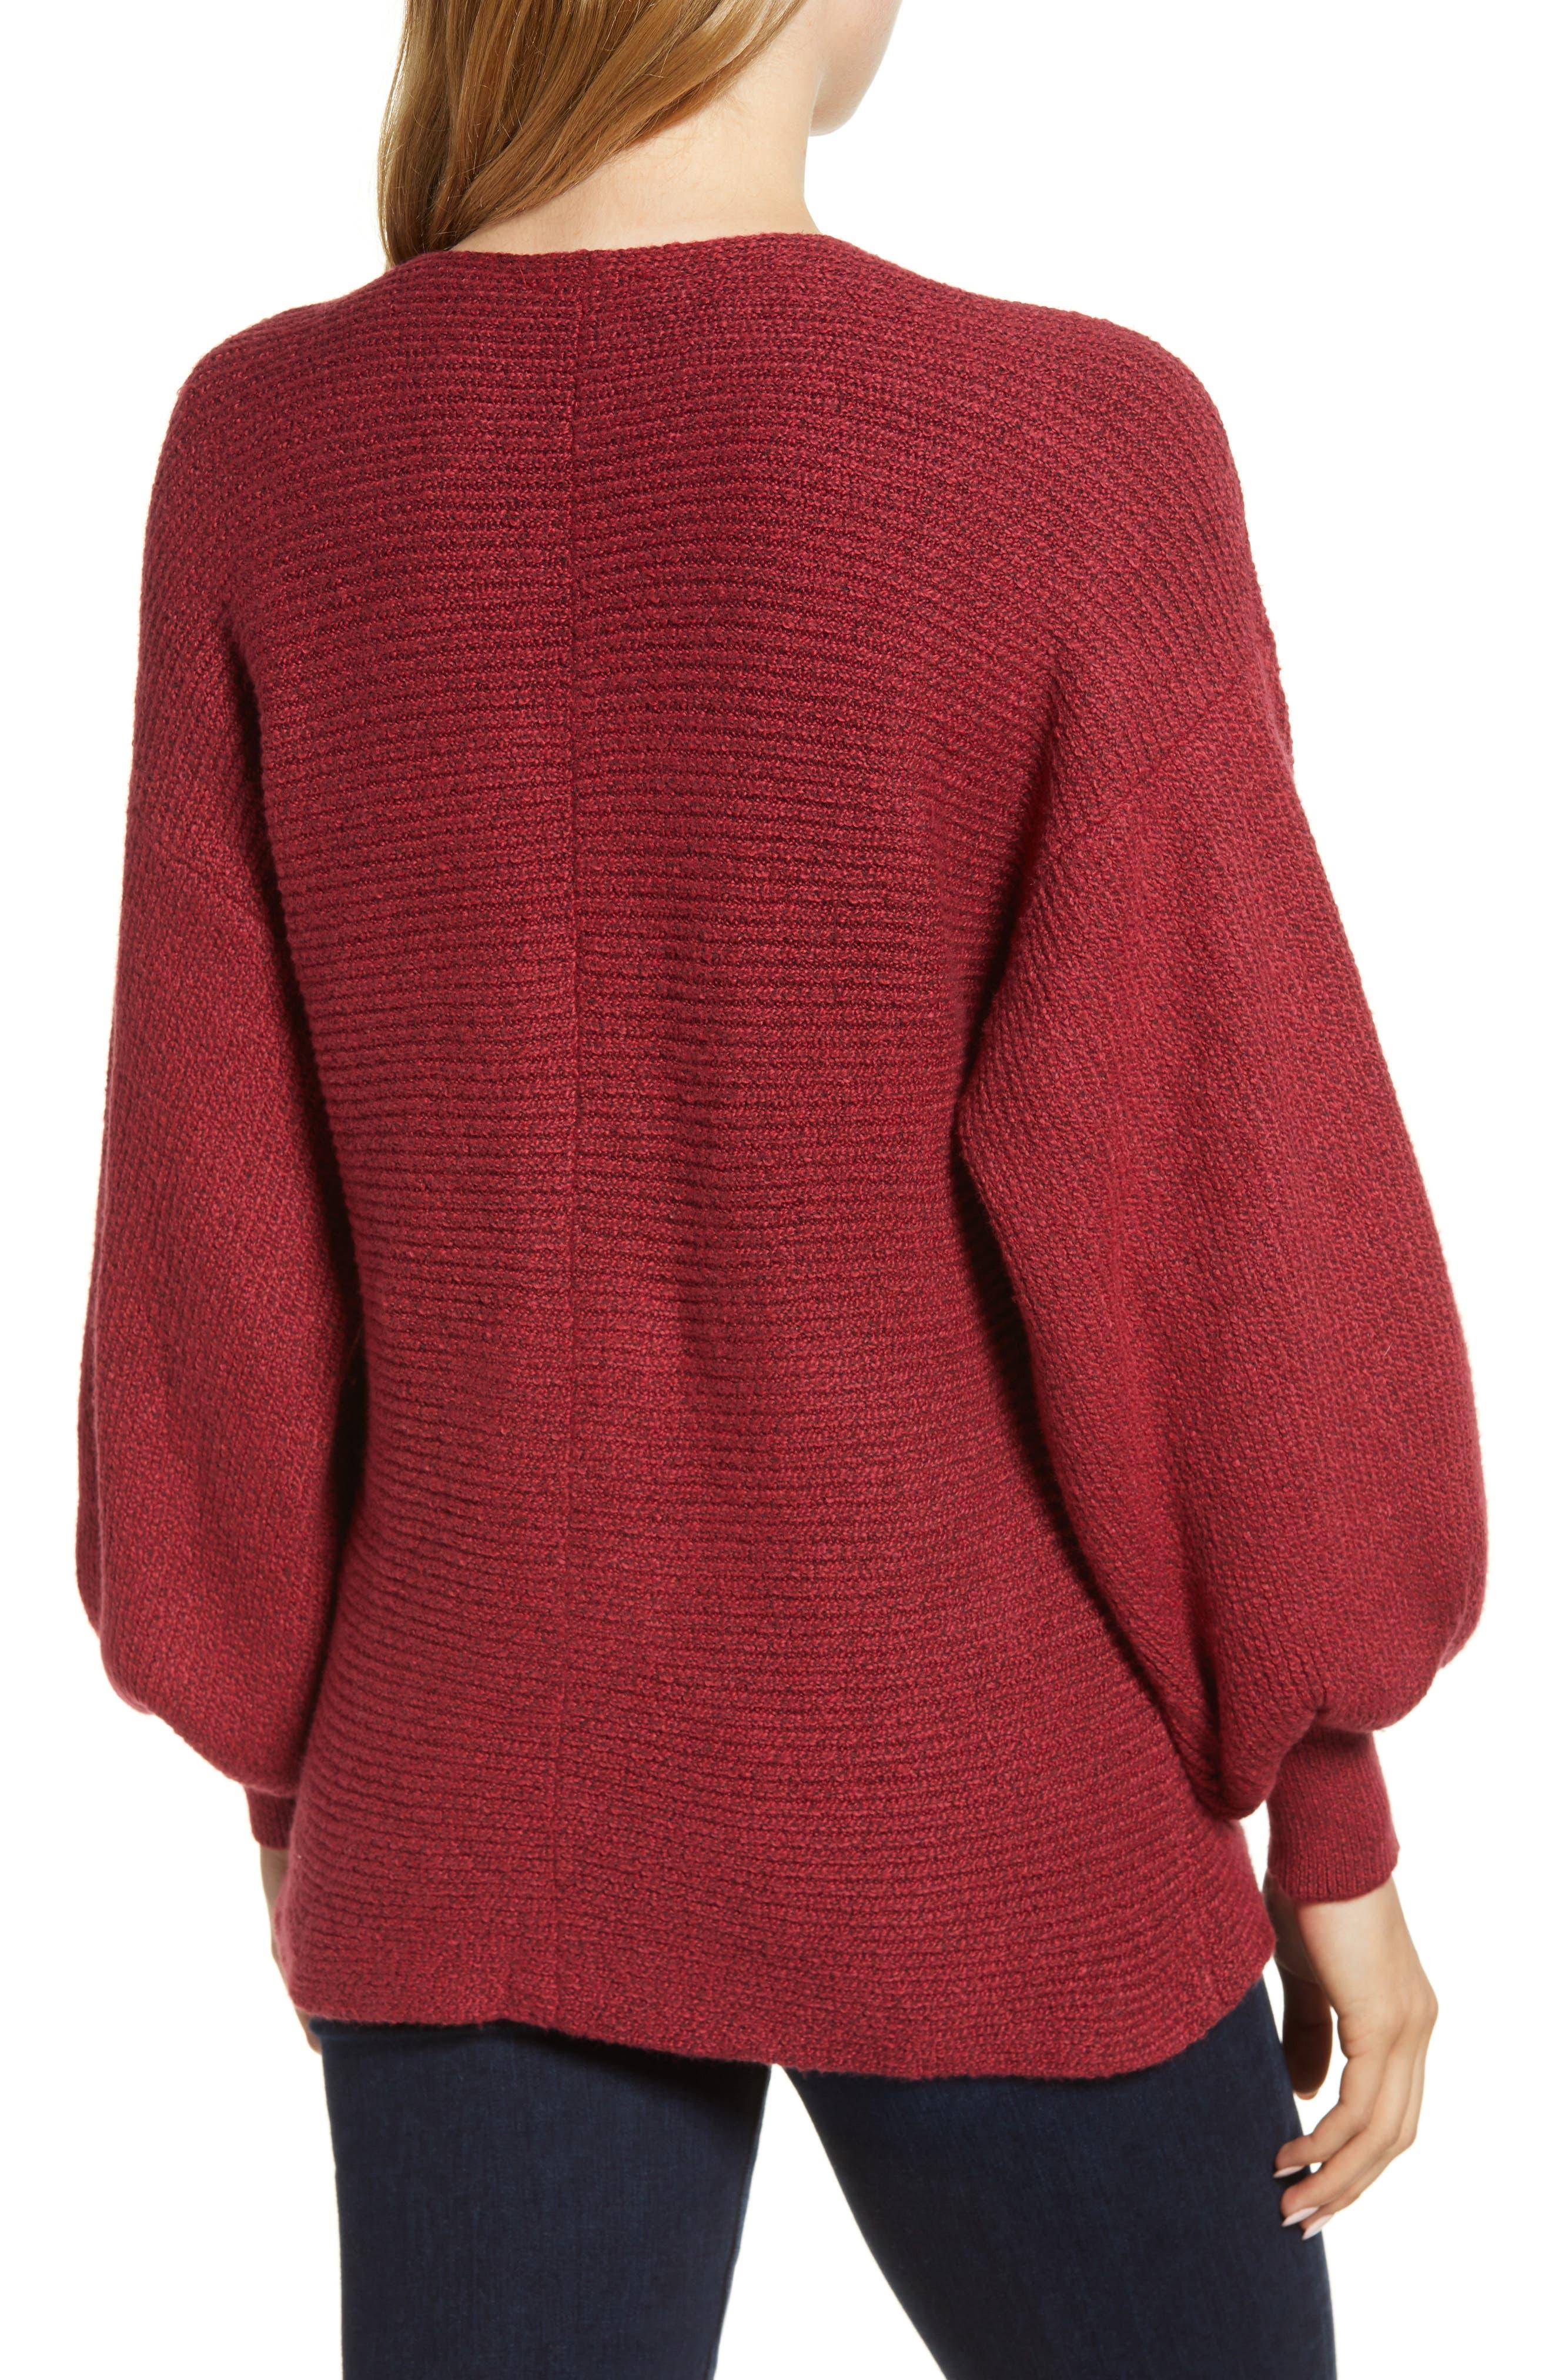 Blouson Sleeve V-Neck Sweater,                             Alternate thumbnail 2, color,                             641